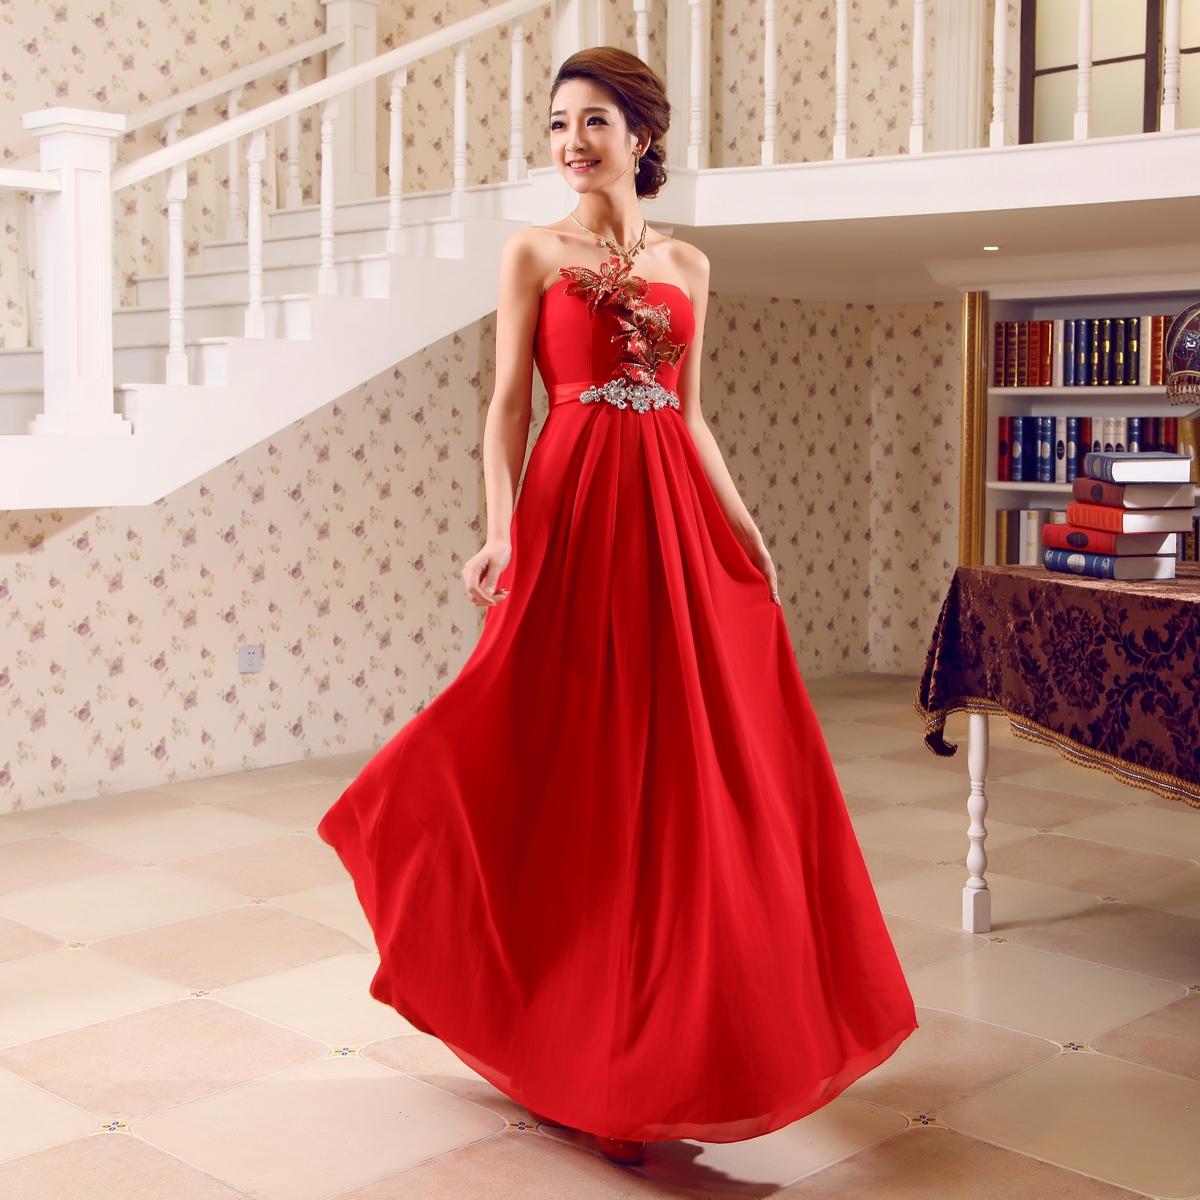 婚纱礼服 新款2013 结婚季 新娘抹胸长款晚礼服 红色结婚敬酒服 F-314